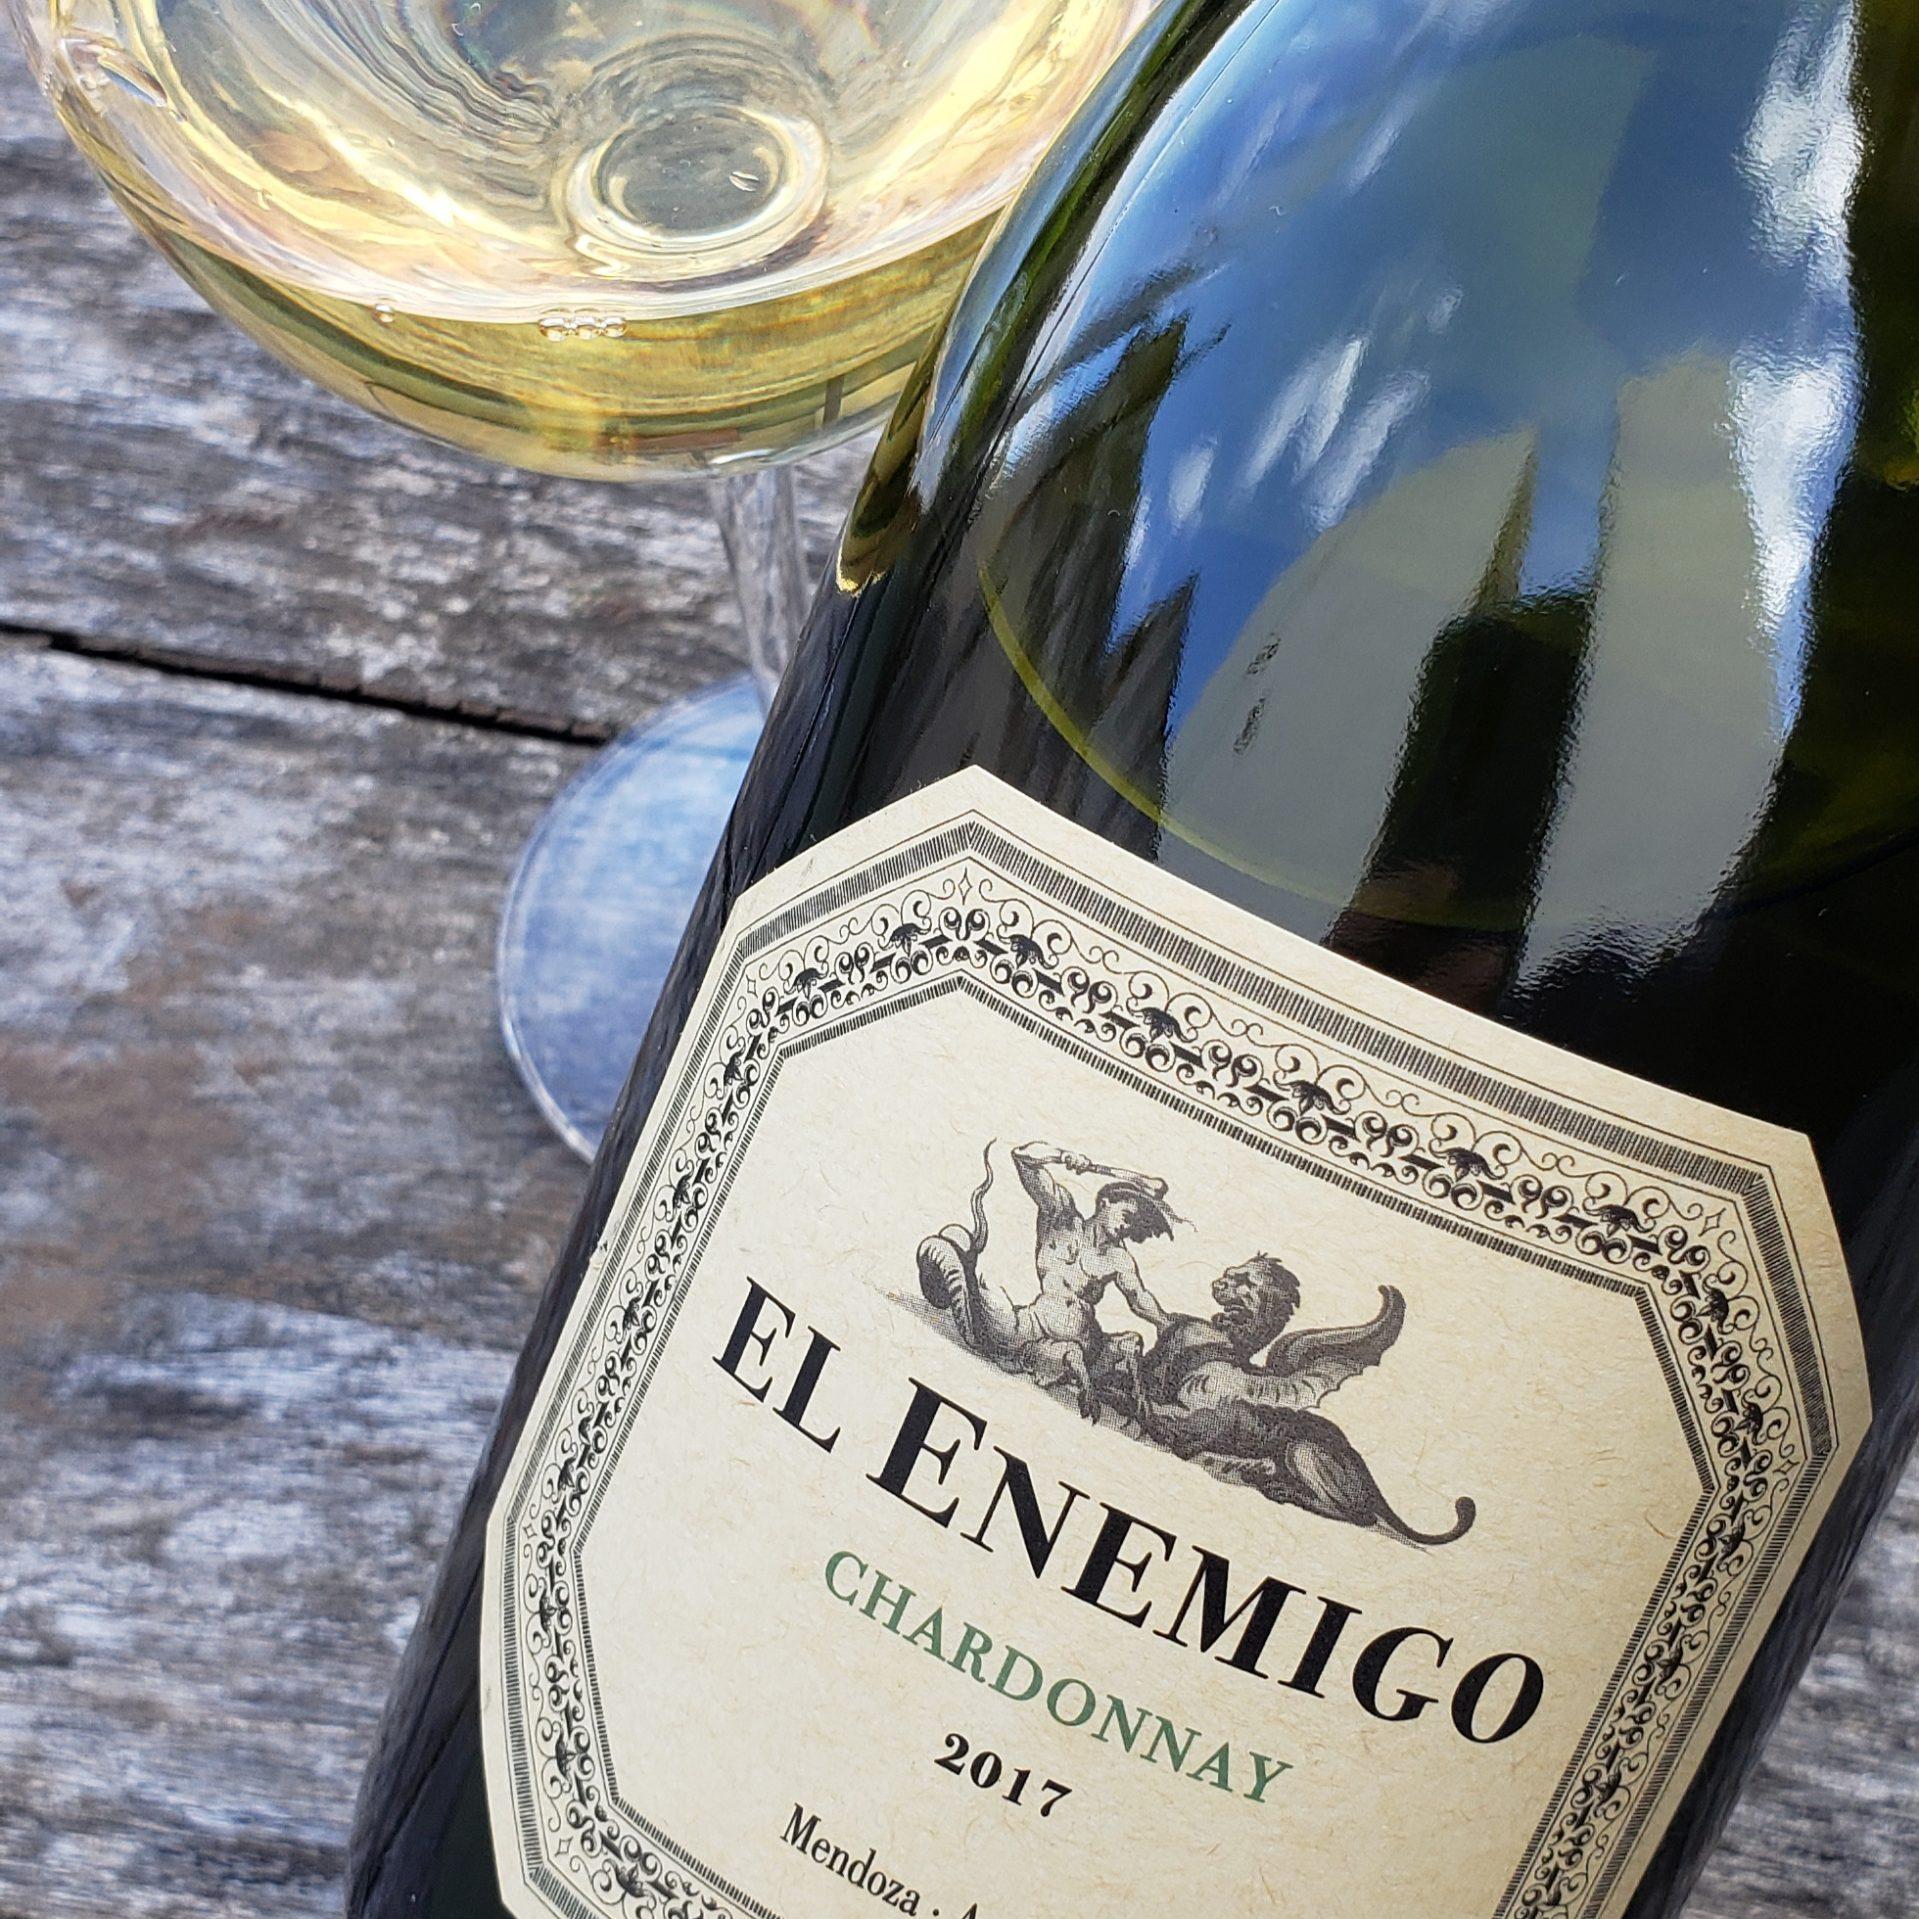 100 días - El Enemigo Chardonnay 2017